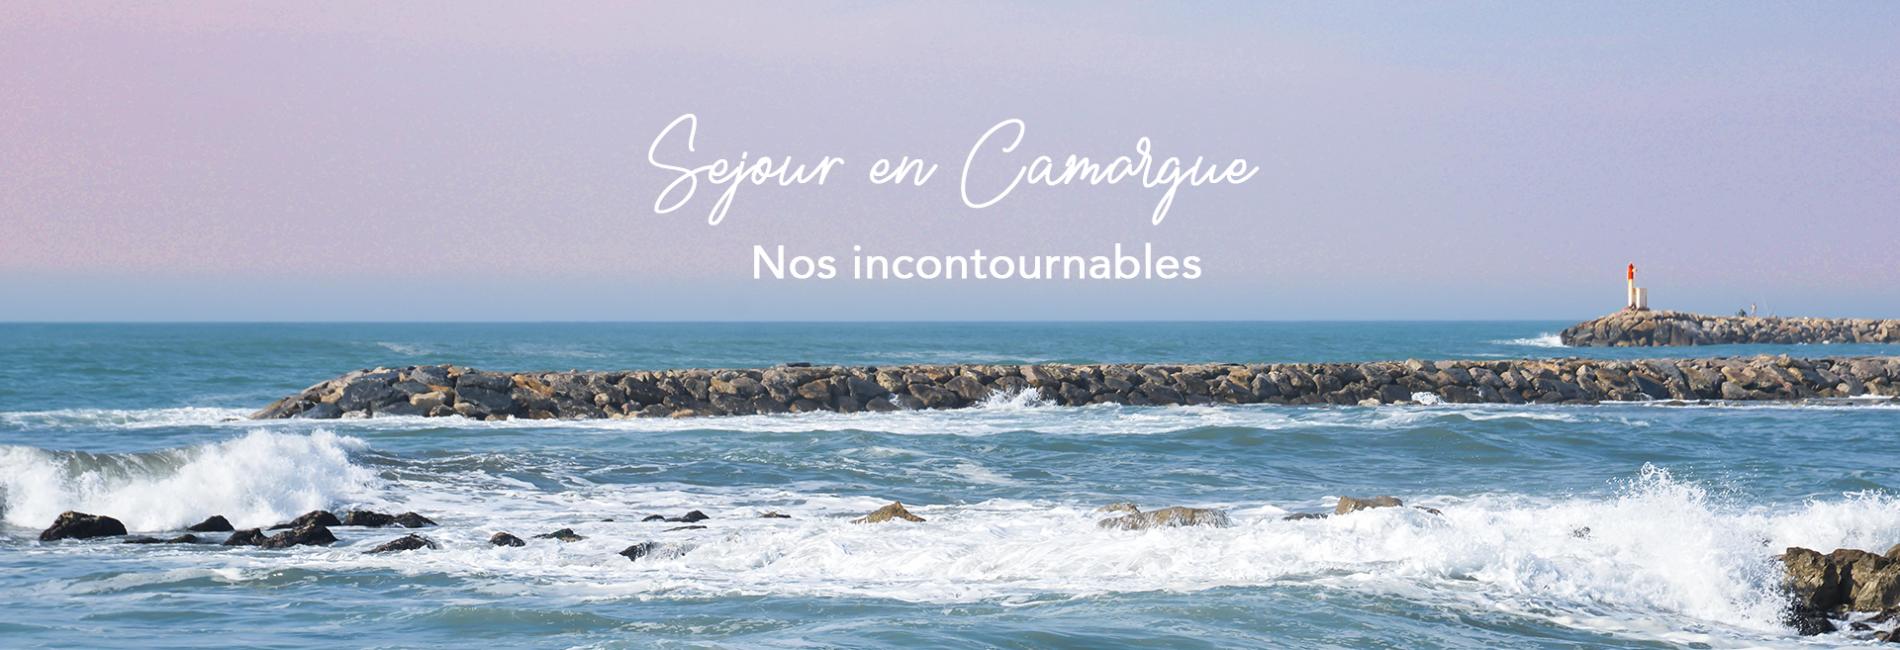 Incontournables pour un séjour en Camargue